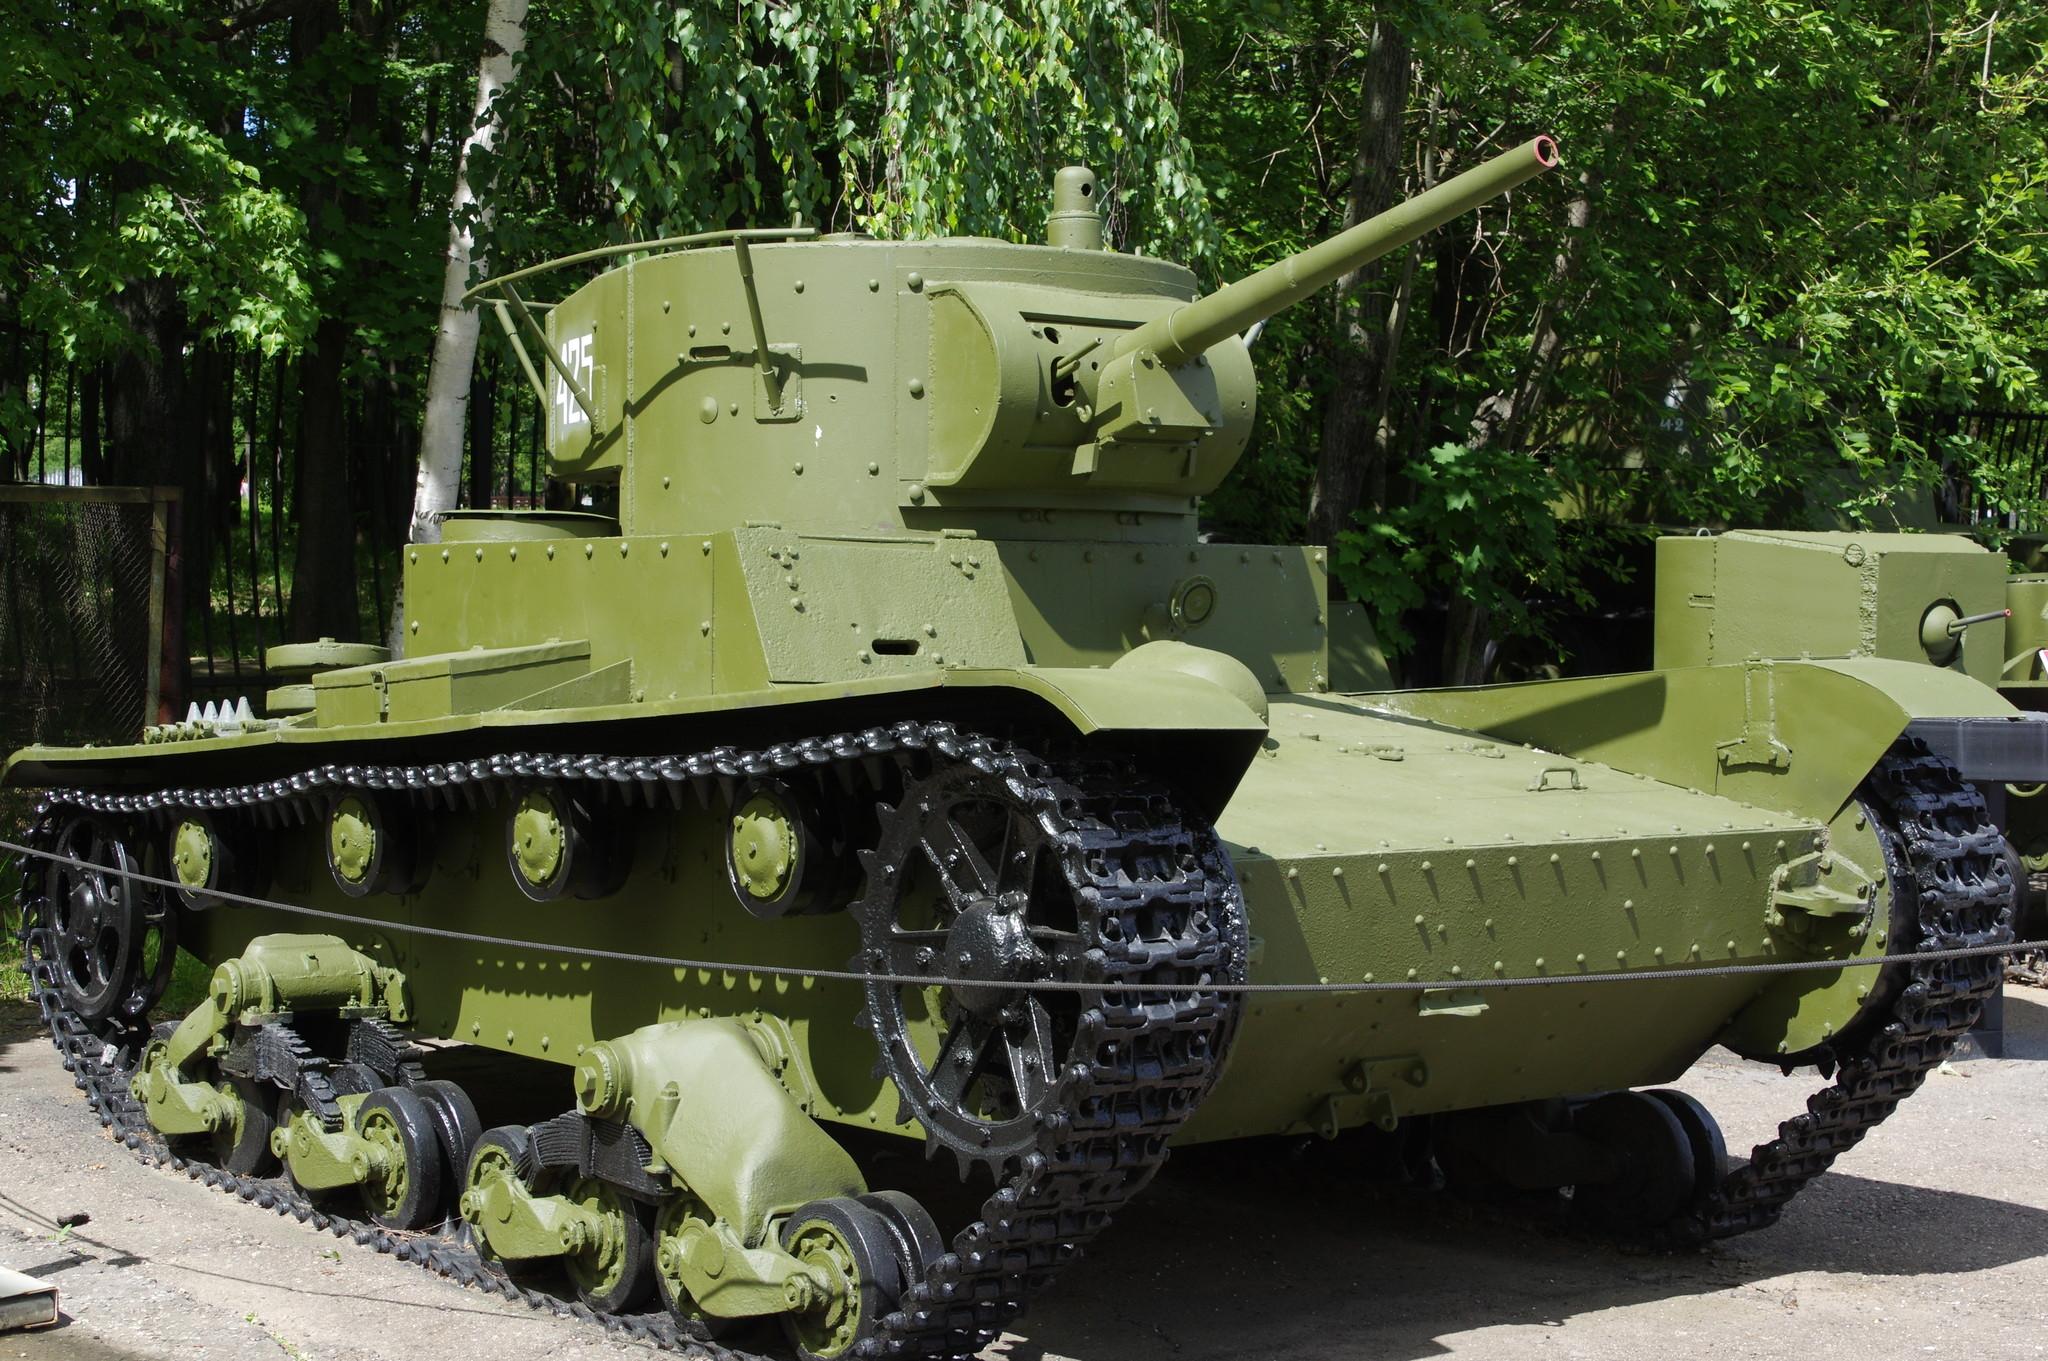 Лёгкий танк Т-26 с цилиндрической башней 1933-1938 годов выпуска в экспозиции Центрального музея Великой Отечественной войны 1941-1945 гг.